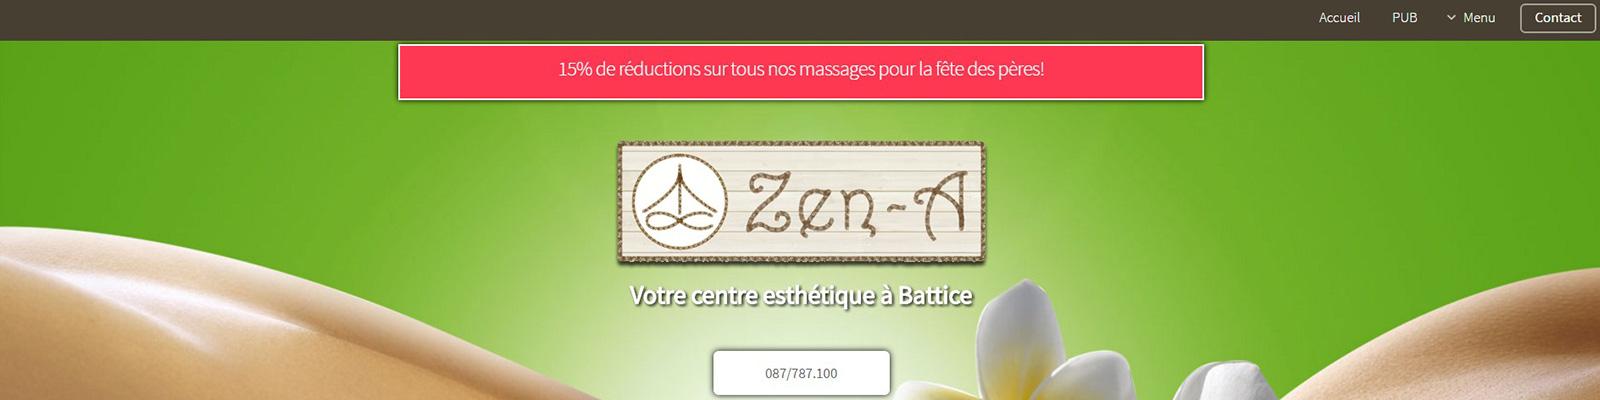 Zen-A-Battice